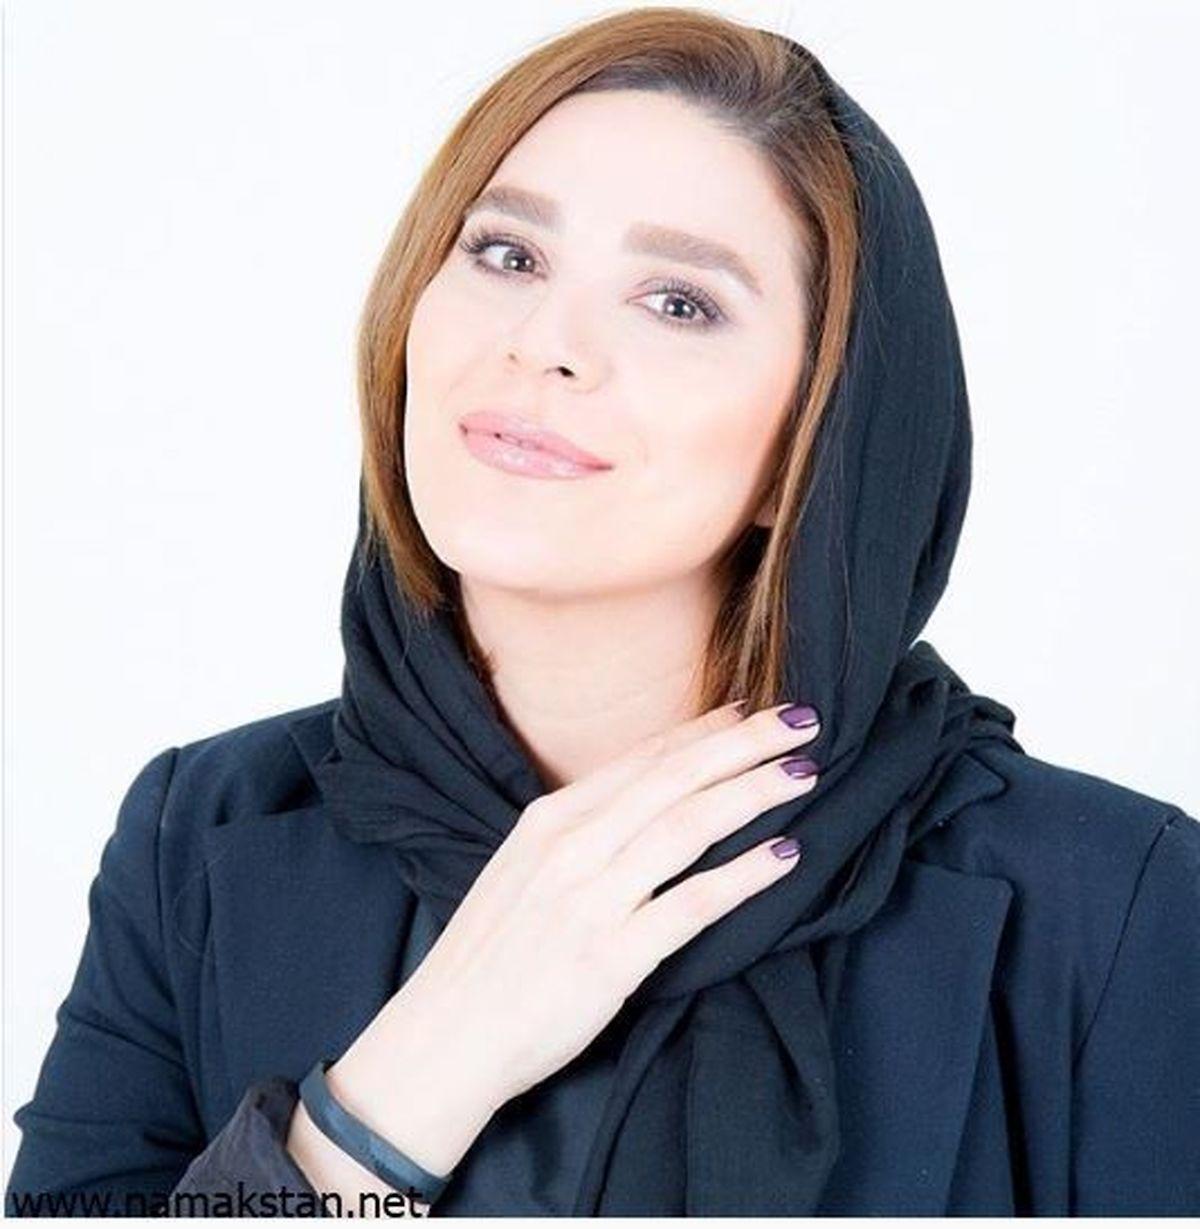 سلفی همسر همایون شجریان و رعنا آزادی ور | عکسهای سحر دولتشاهی